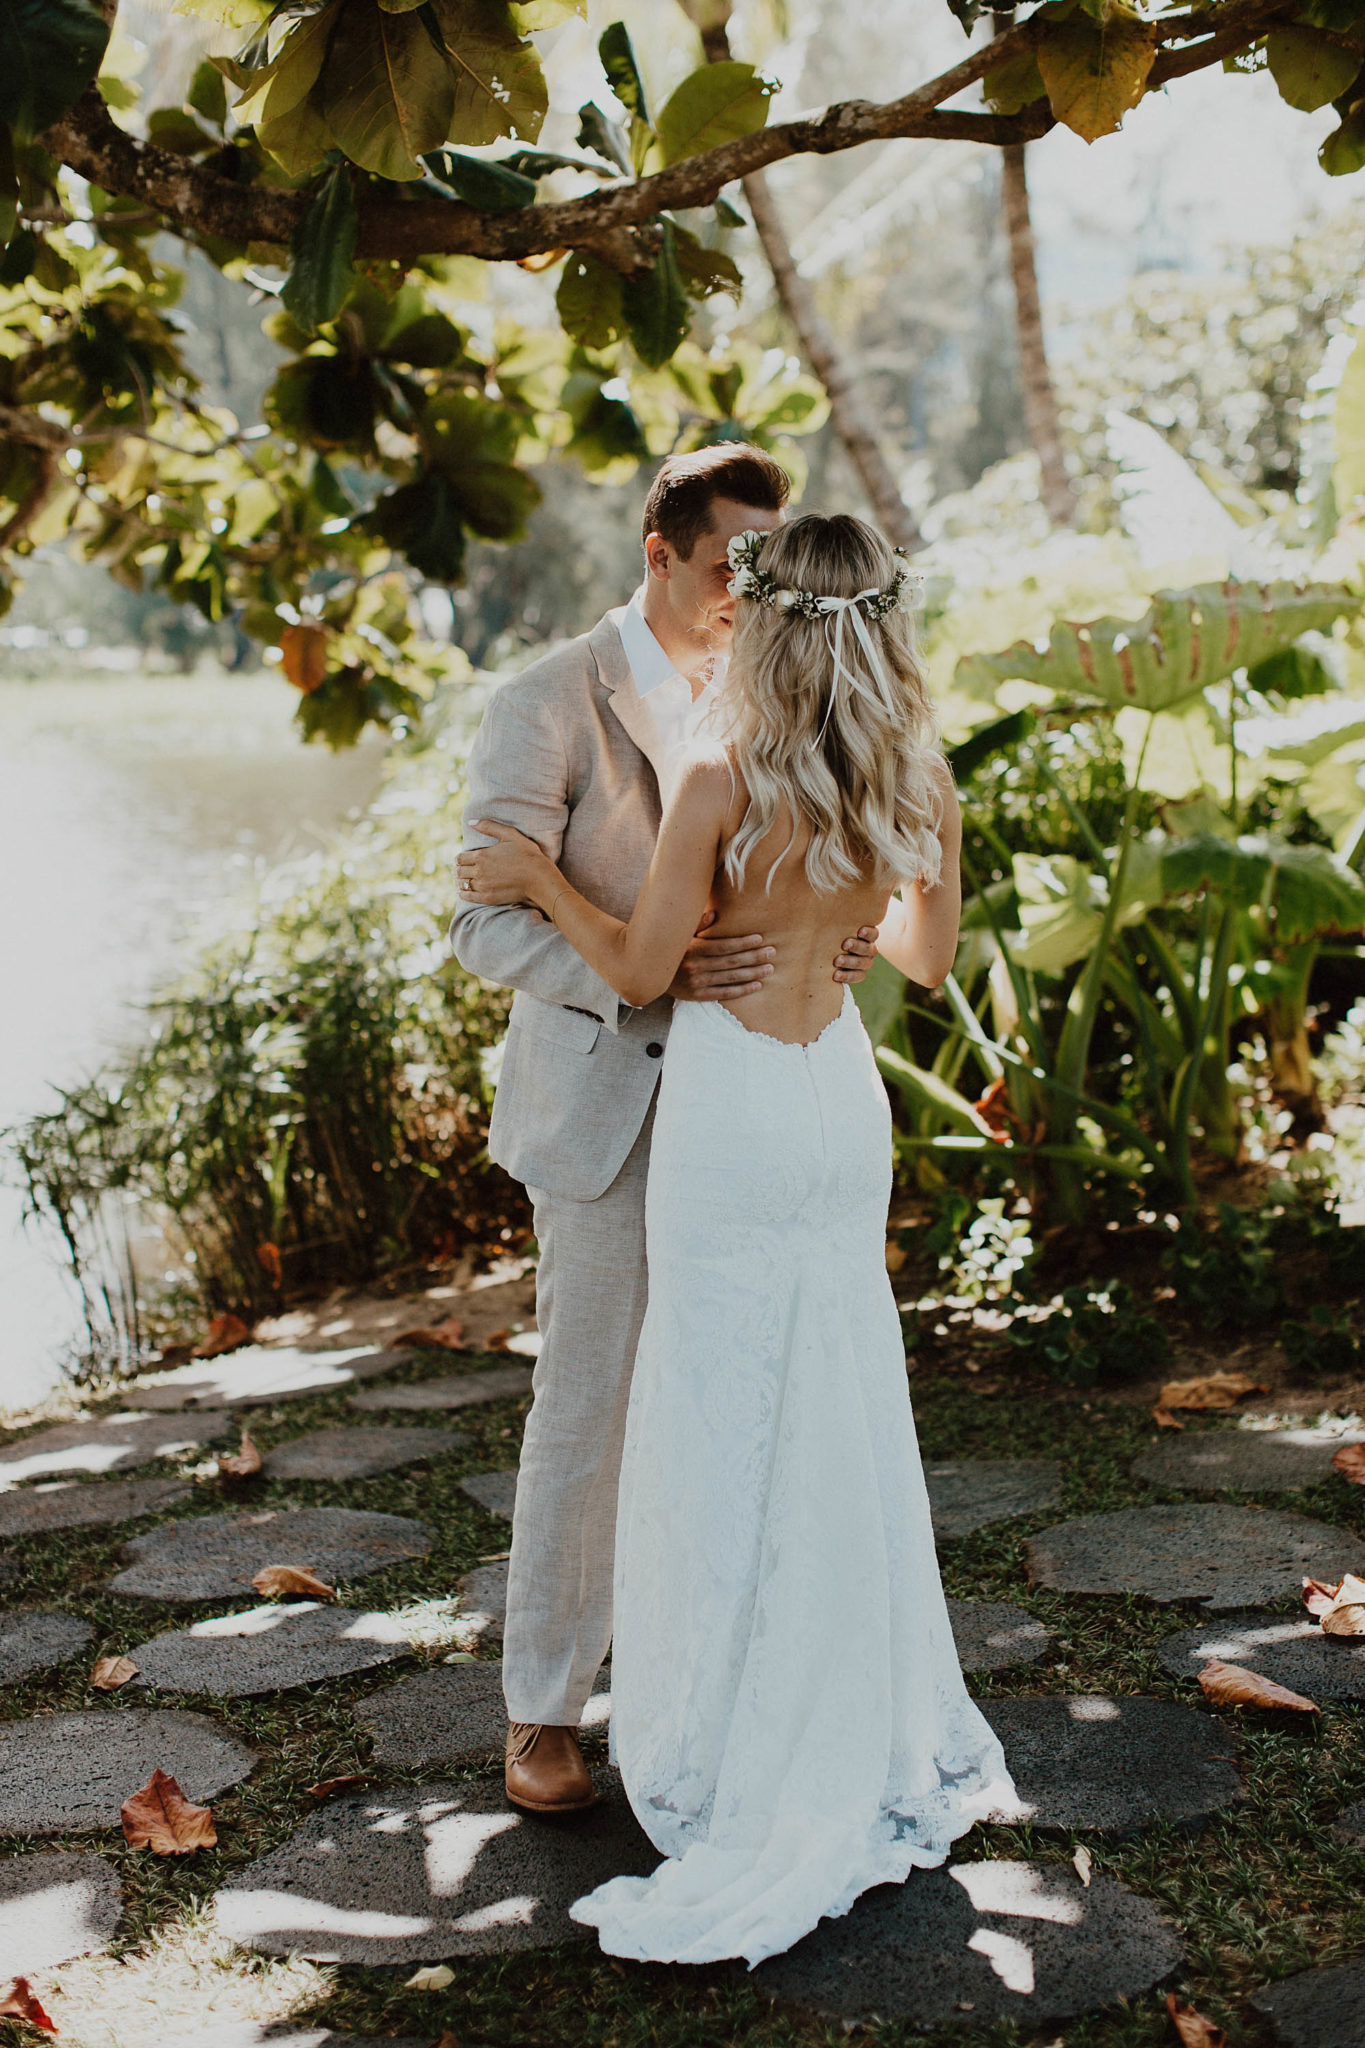 Photos Backless Wedding Dress On Hei Bay Beach North S Kauai Hawaii